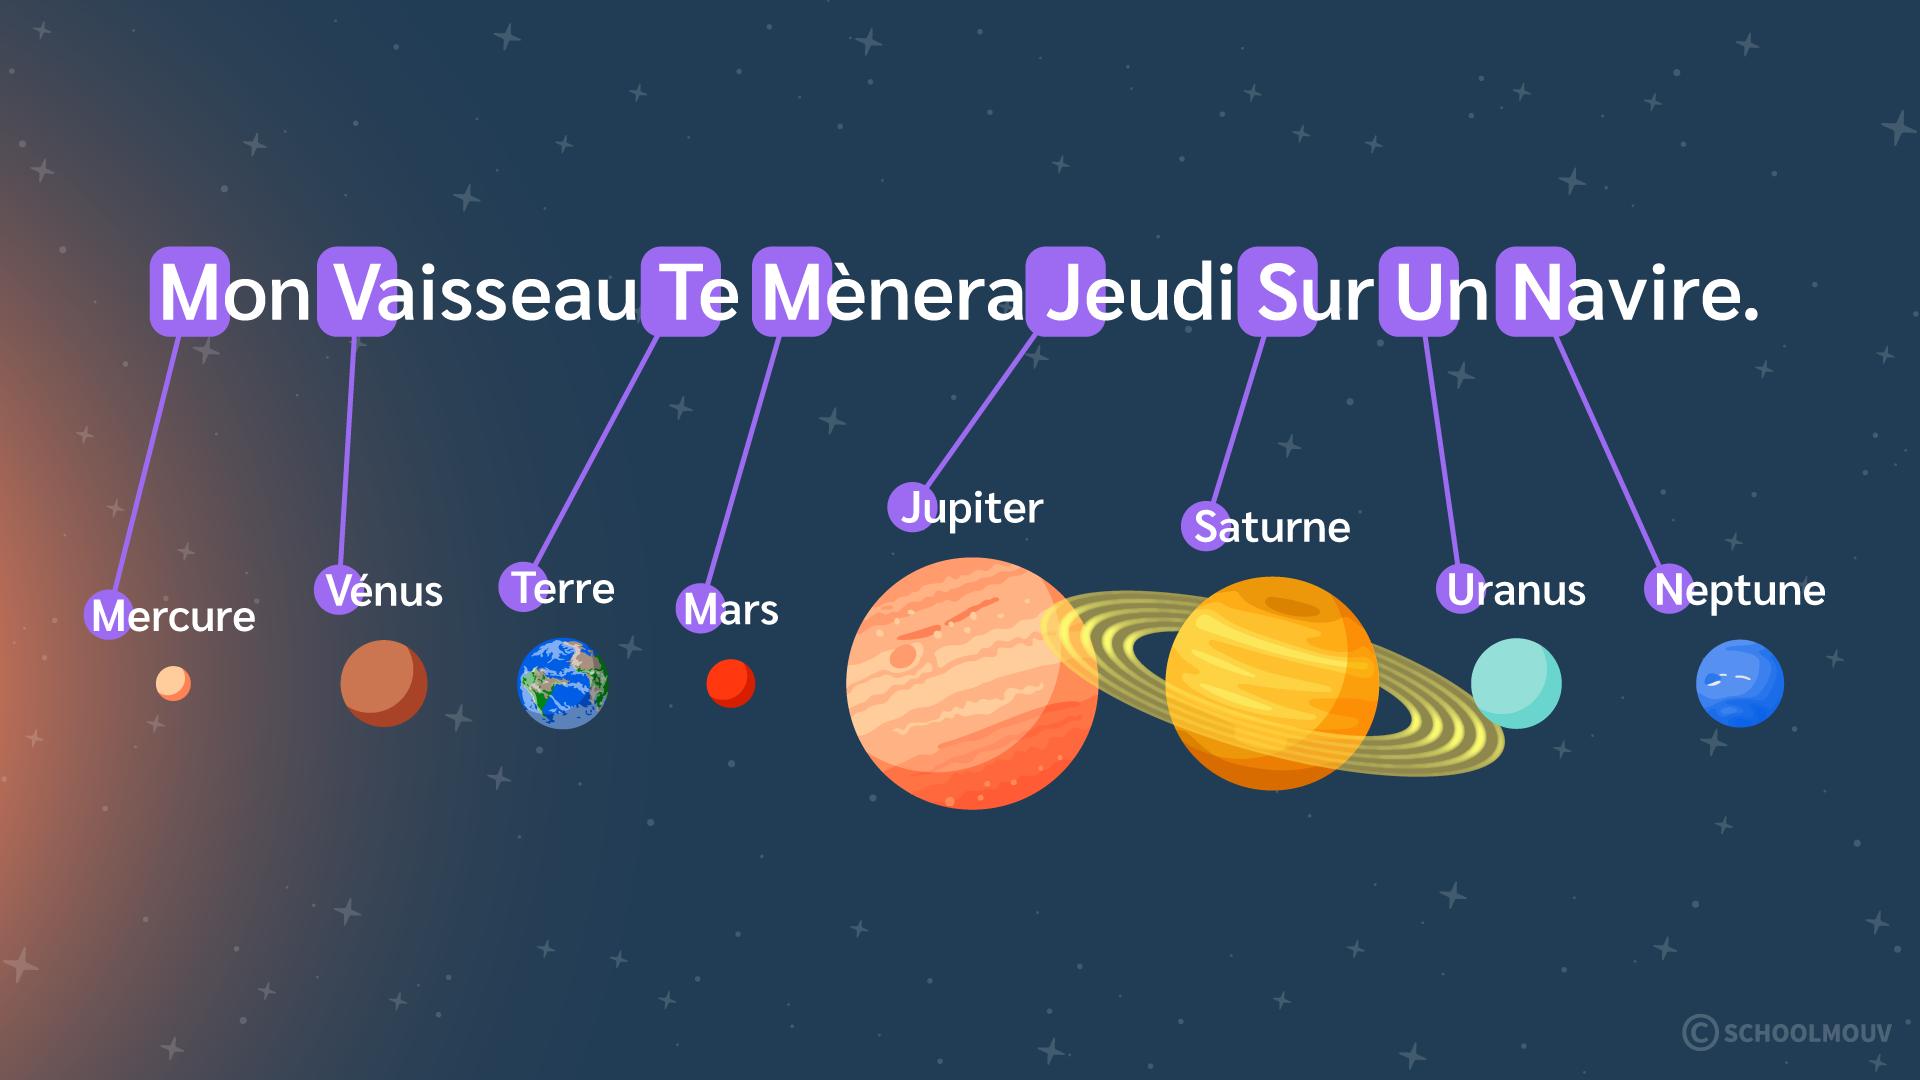 Primaire cm1 sciences technologies terre système solaire ordre planètes